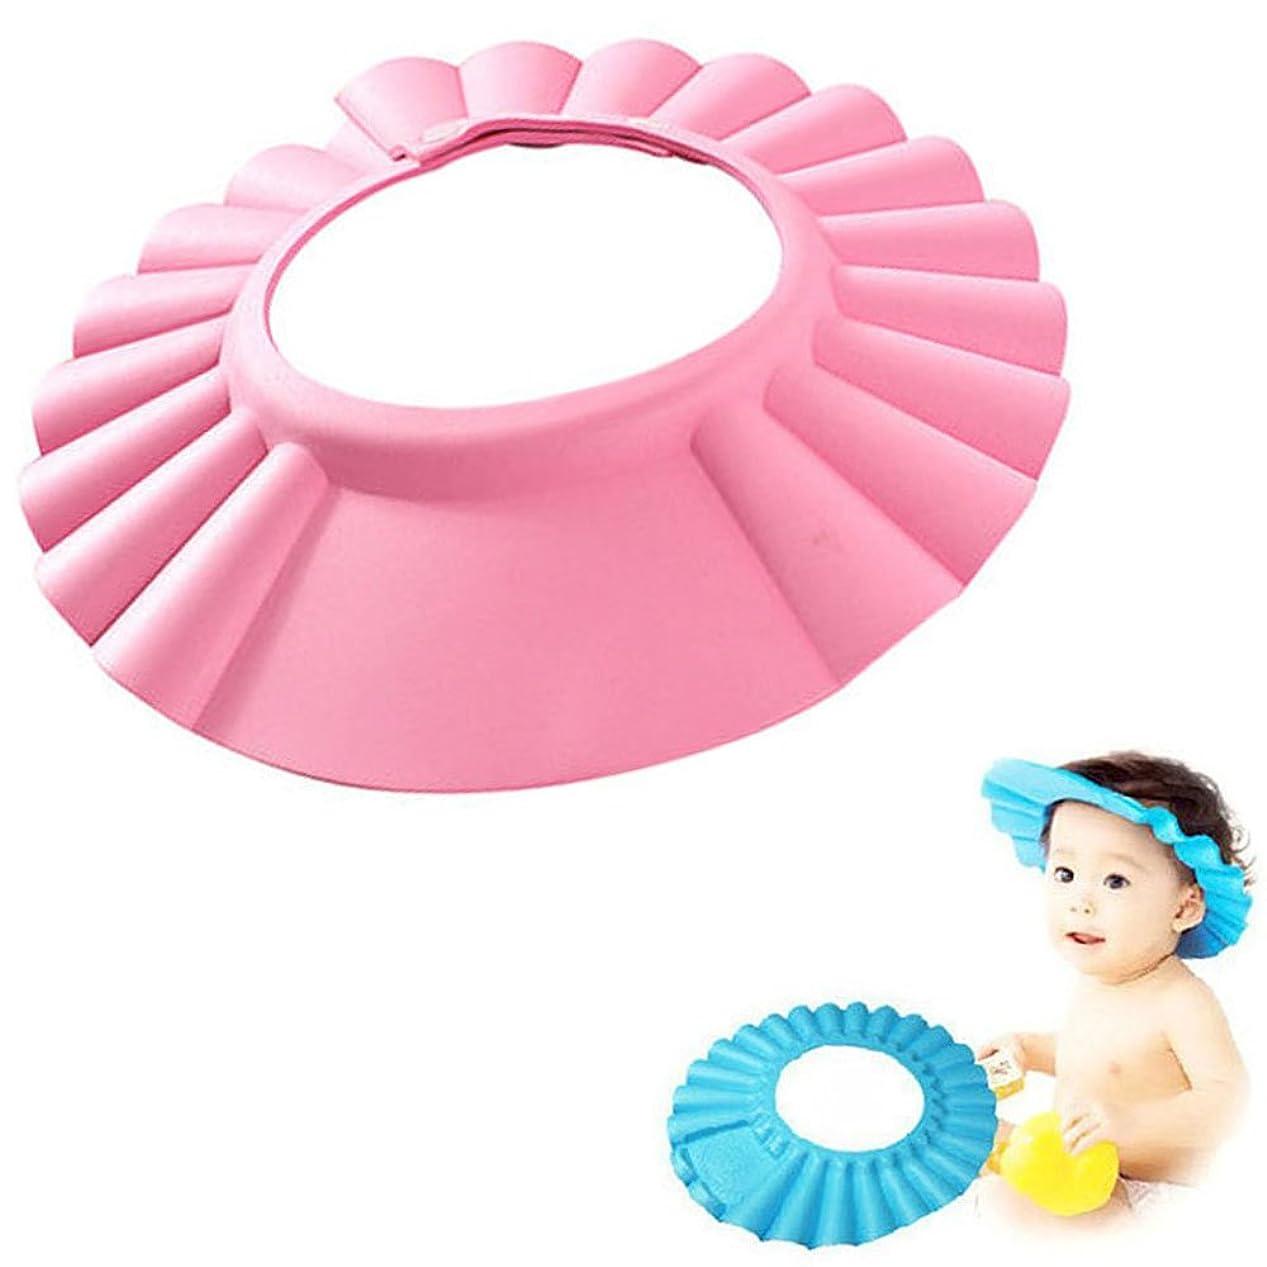 パトロン正確に社会主義シャンプーハット 子供 洗髪用帽子 お風呂 防水帽 水漏れない樹脂 サイズ調節 (ピンク)